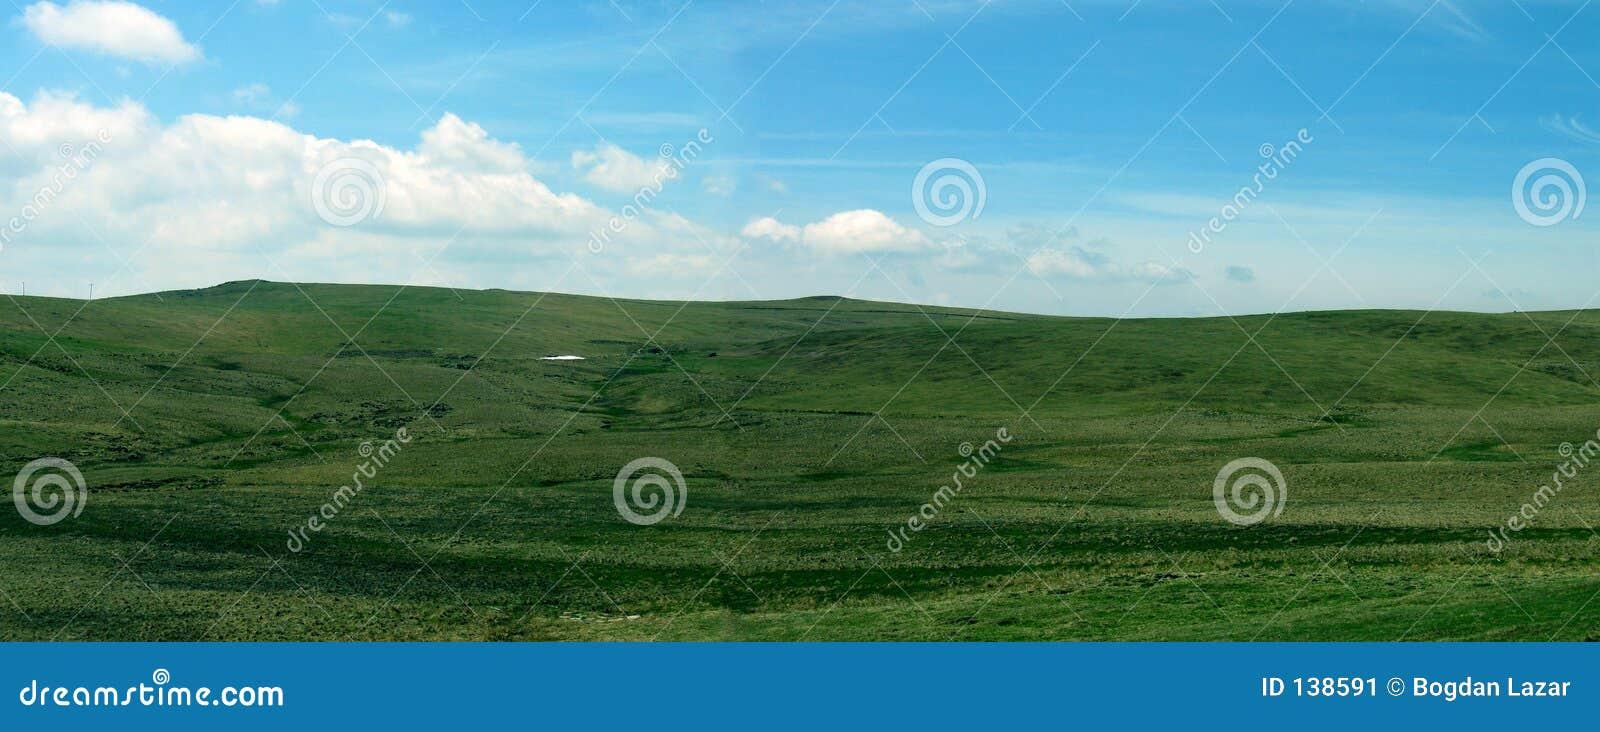 Montagnes vertes panoramiques